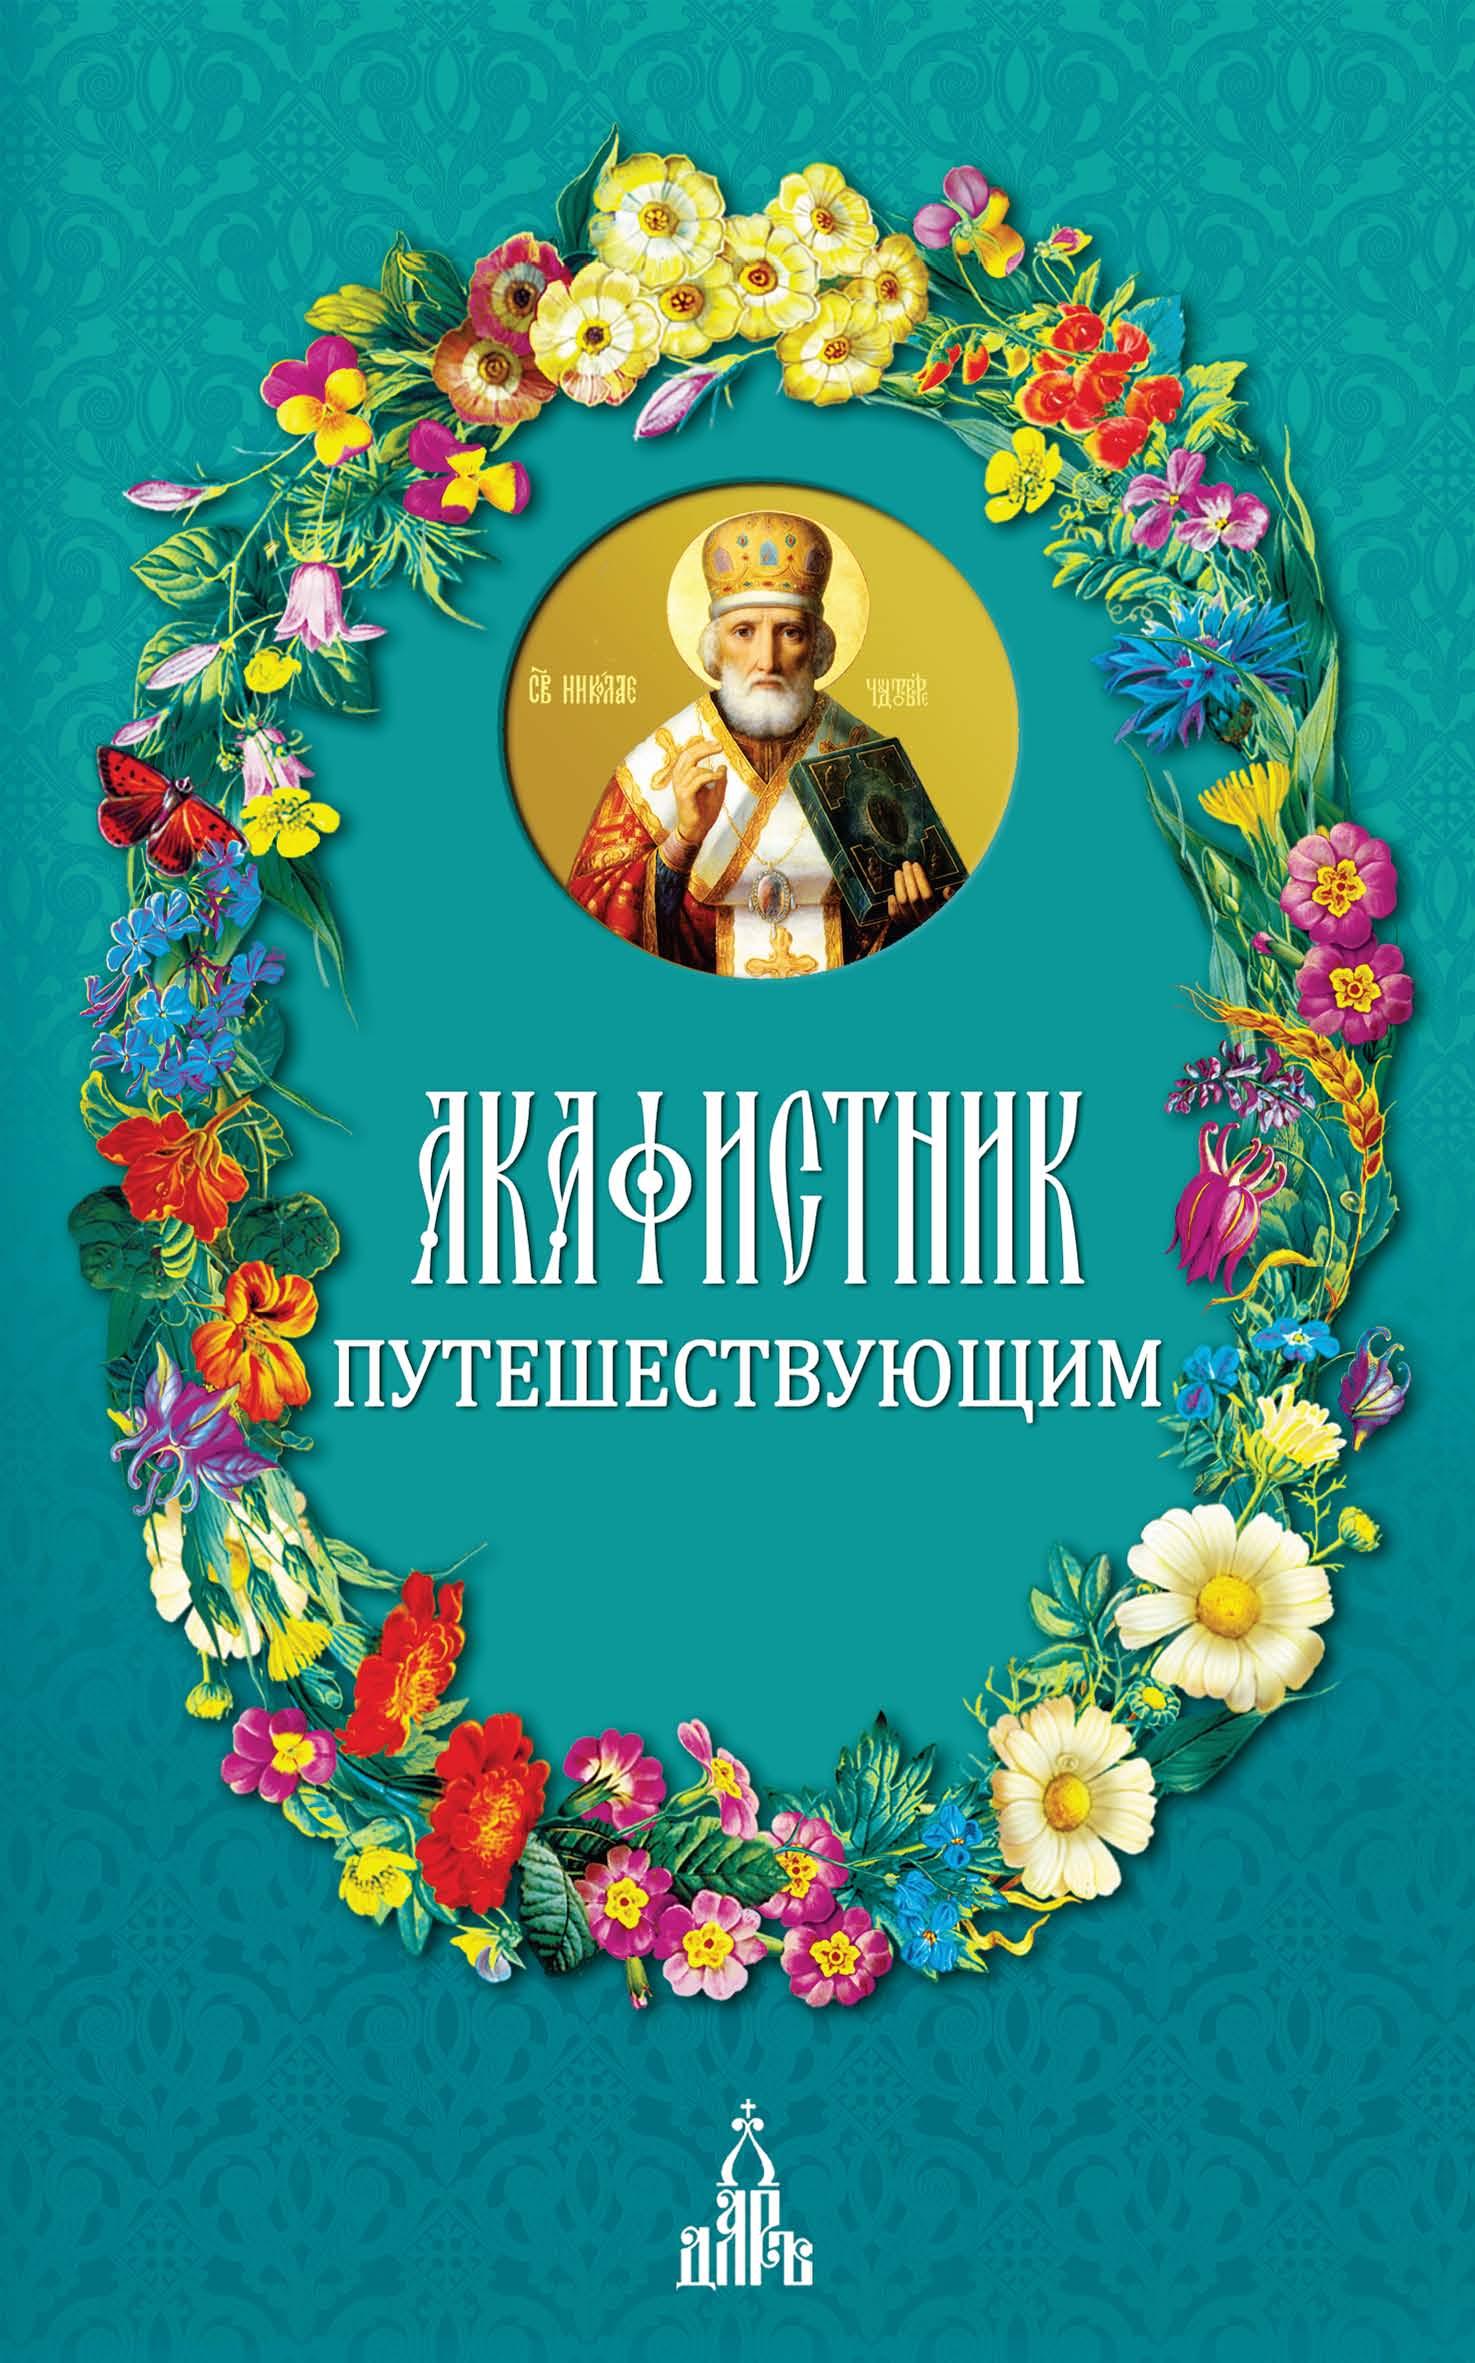 akafistnik puteshestvuyushchim